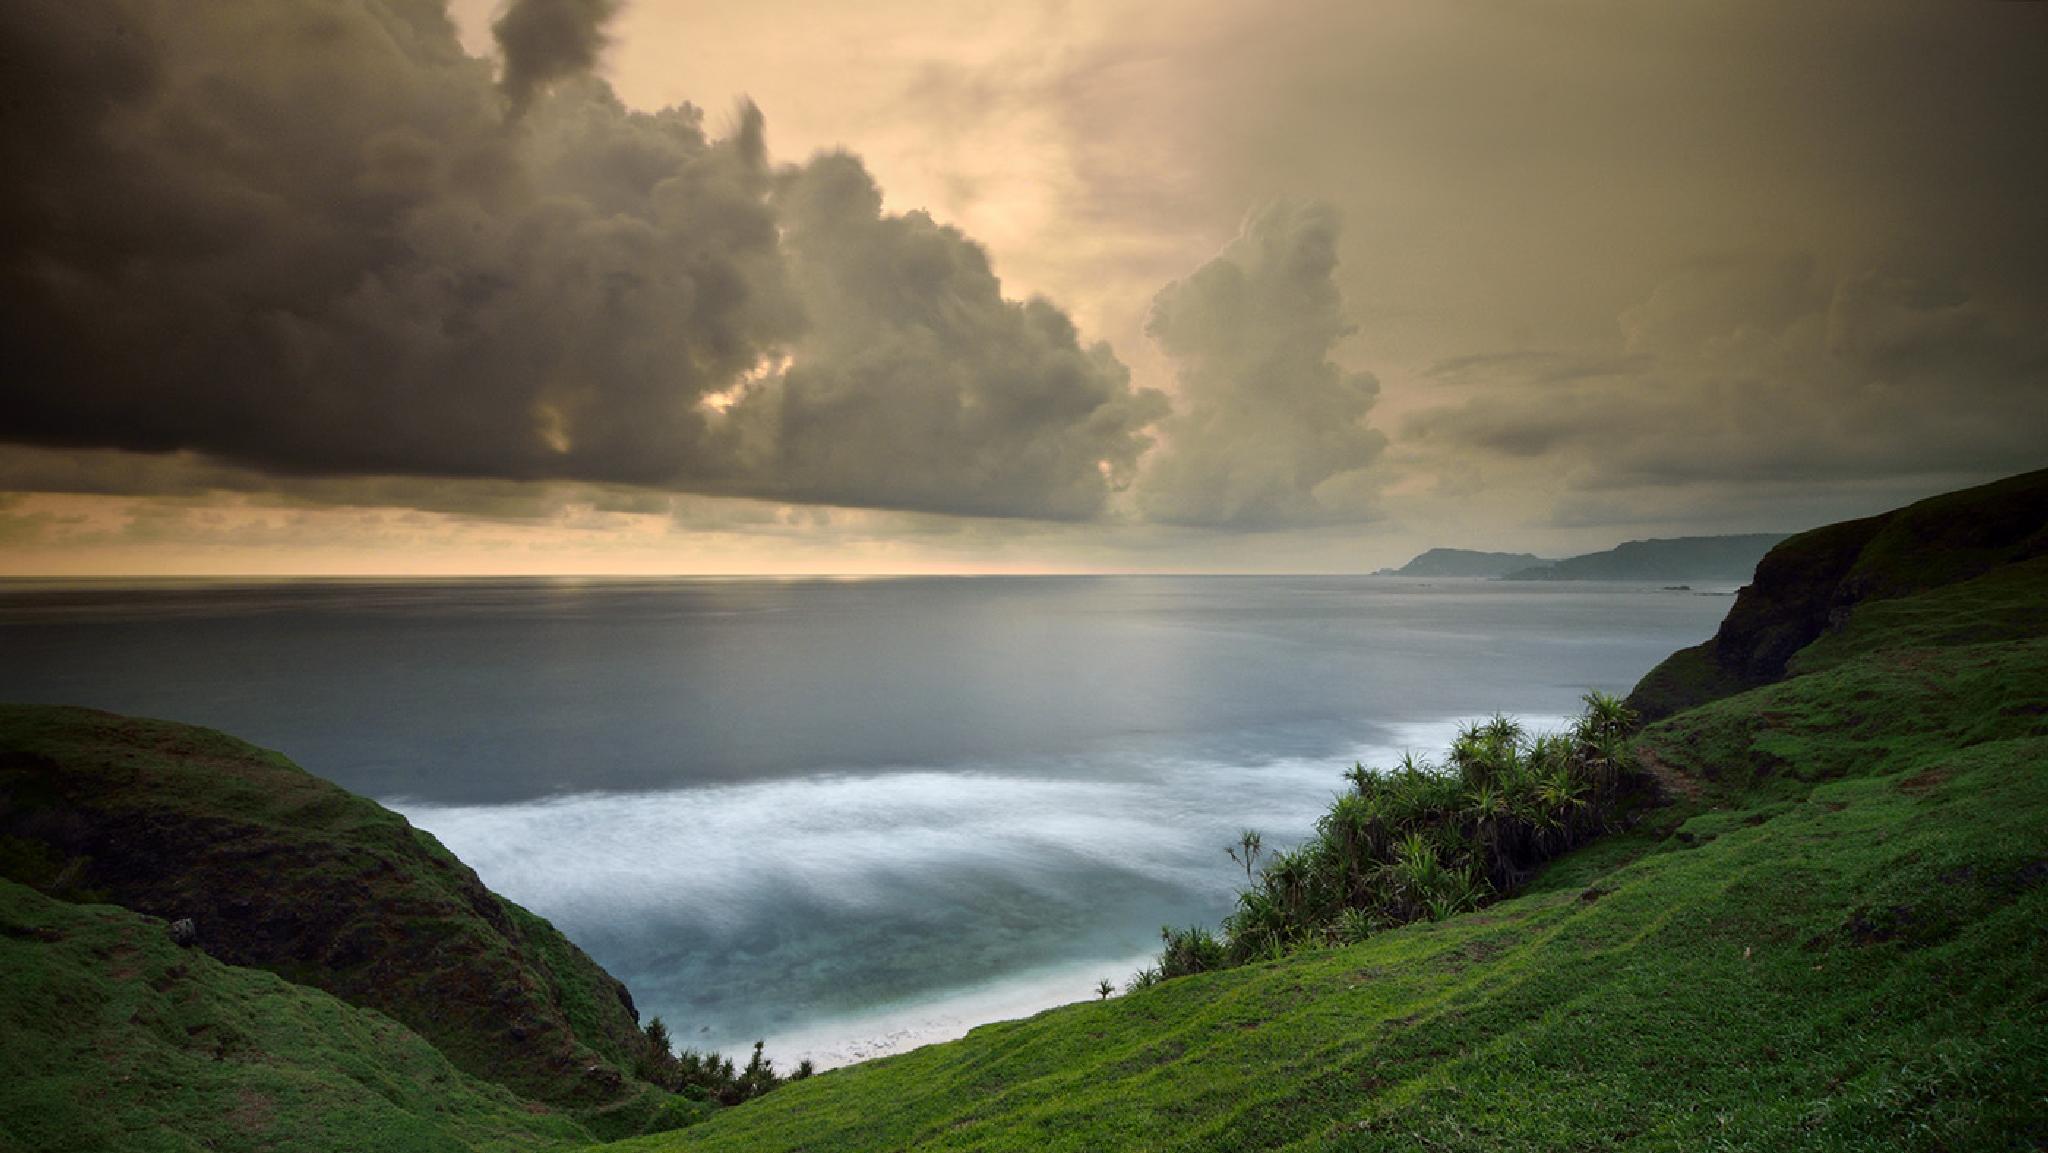 Cloudy afternoon by Didik Hariadi Mahsyar